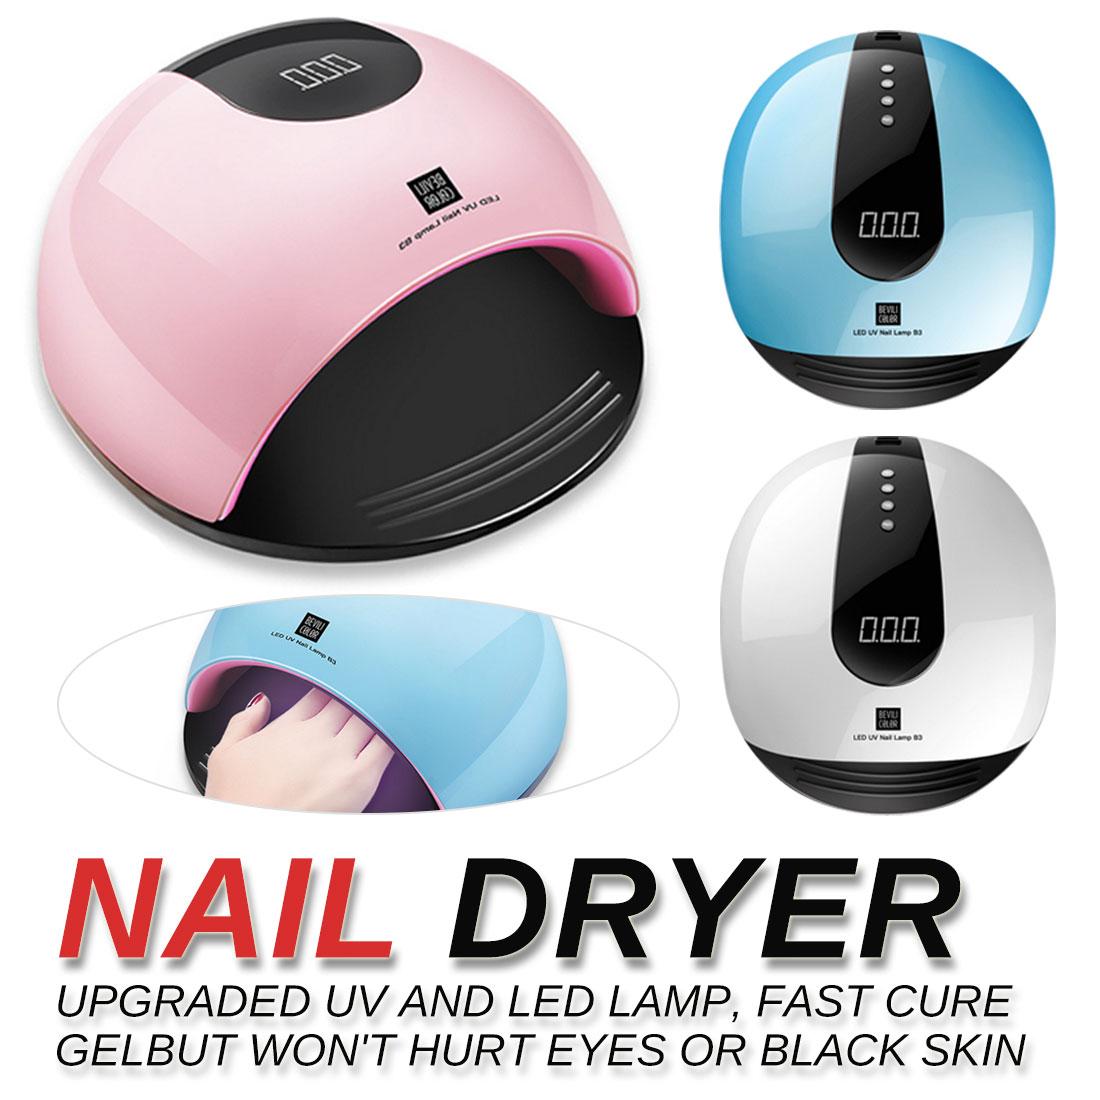 Bleu tous les Gels vernis à ongles ongles USB lampe pour manucure LCD affichage séchage Art outils sèche ongles pour ongles LED lampe UV